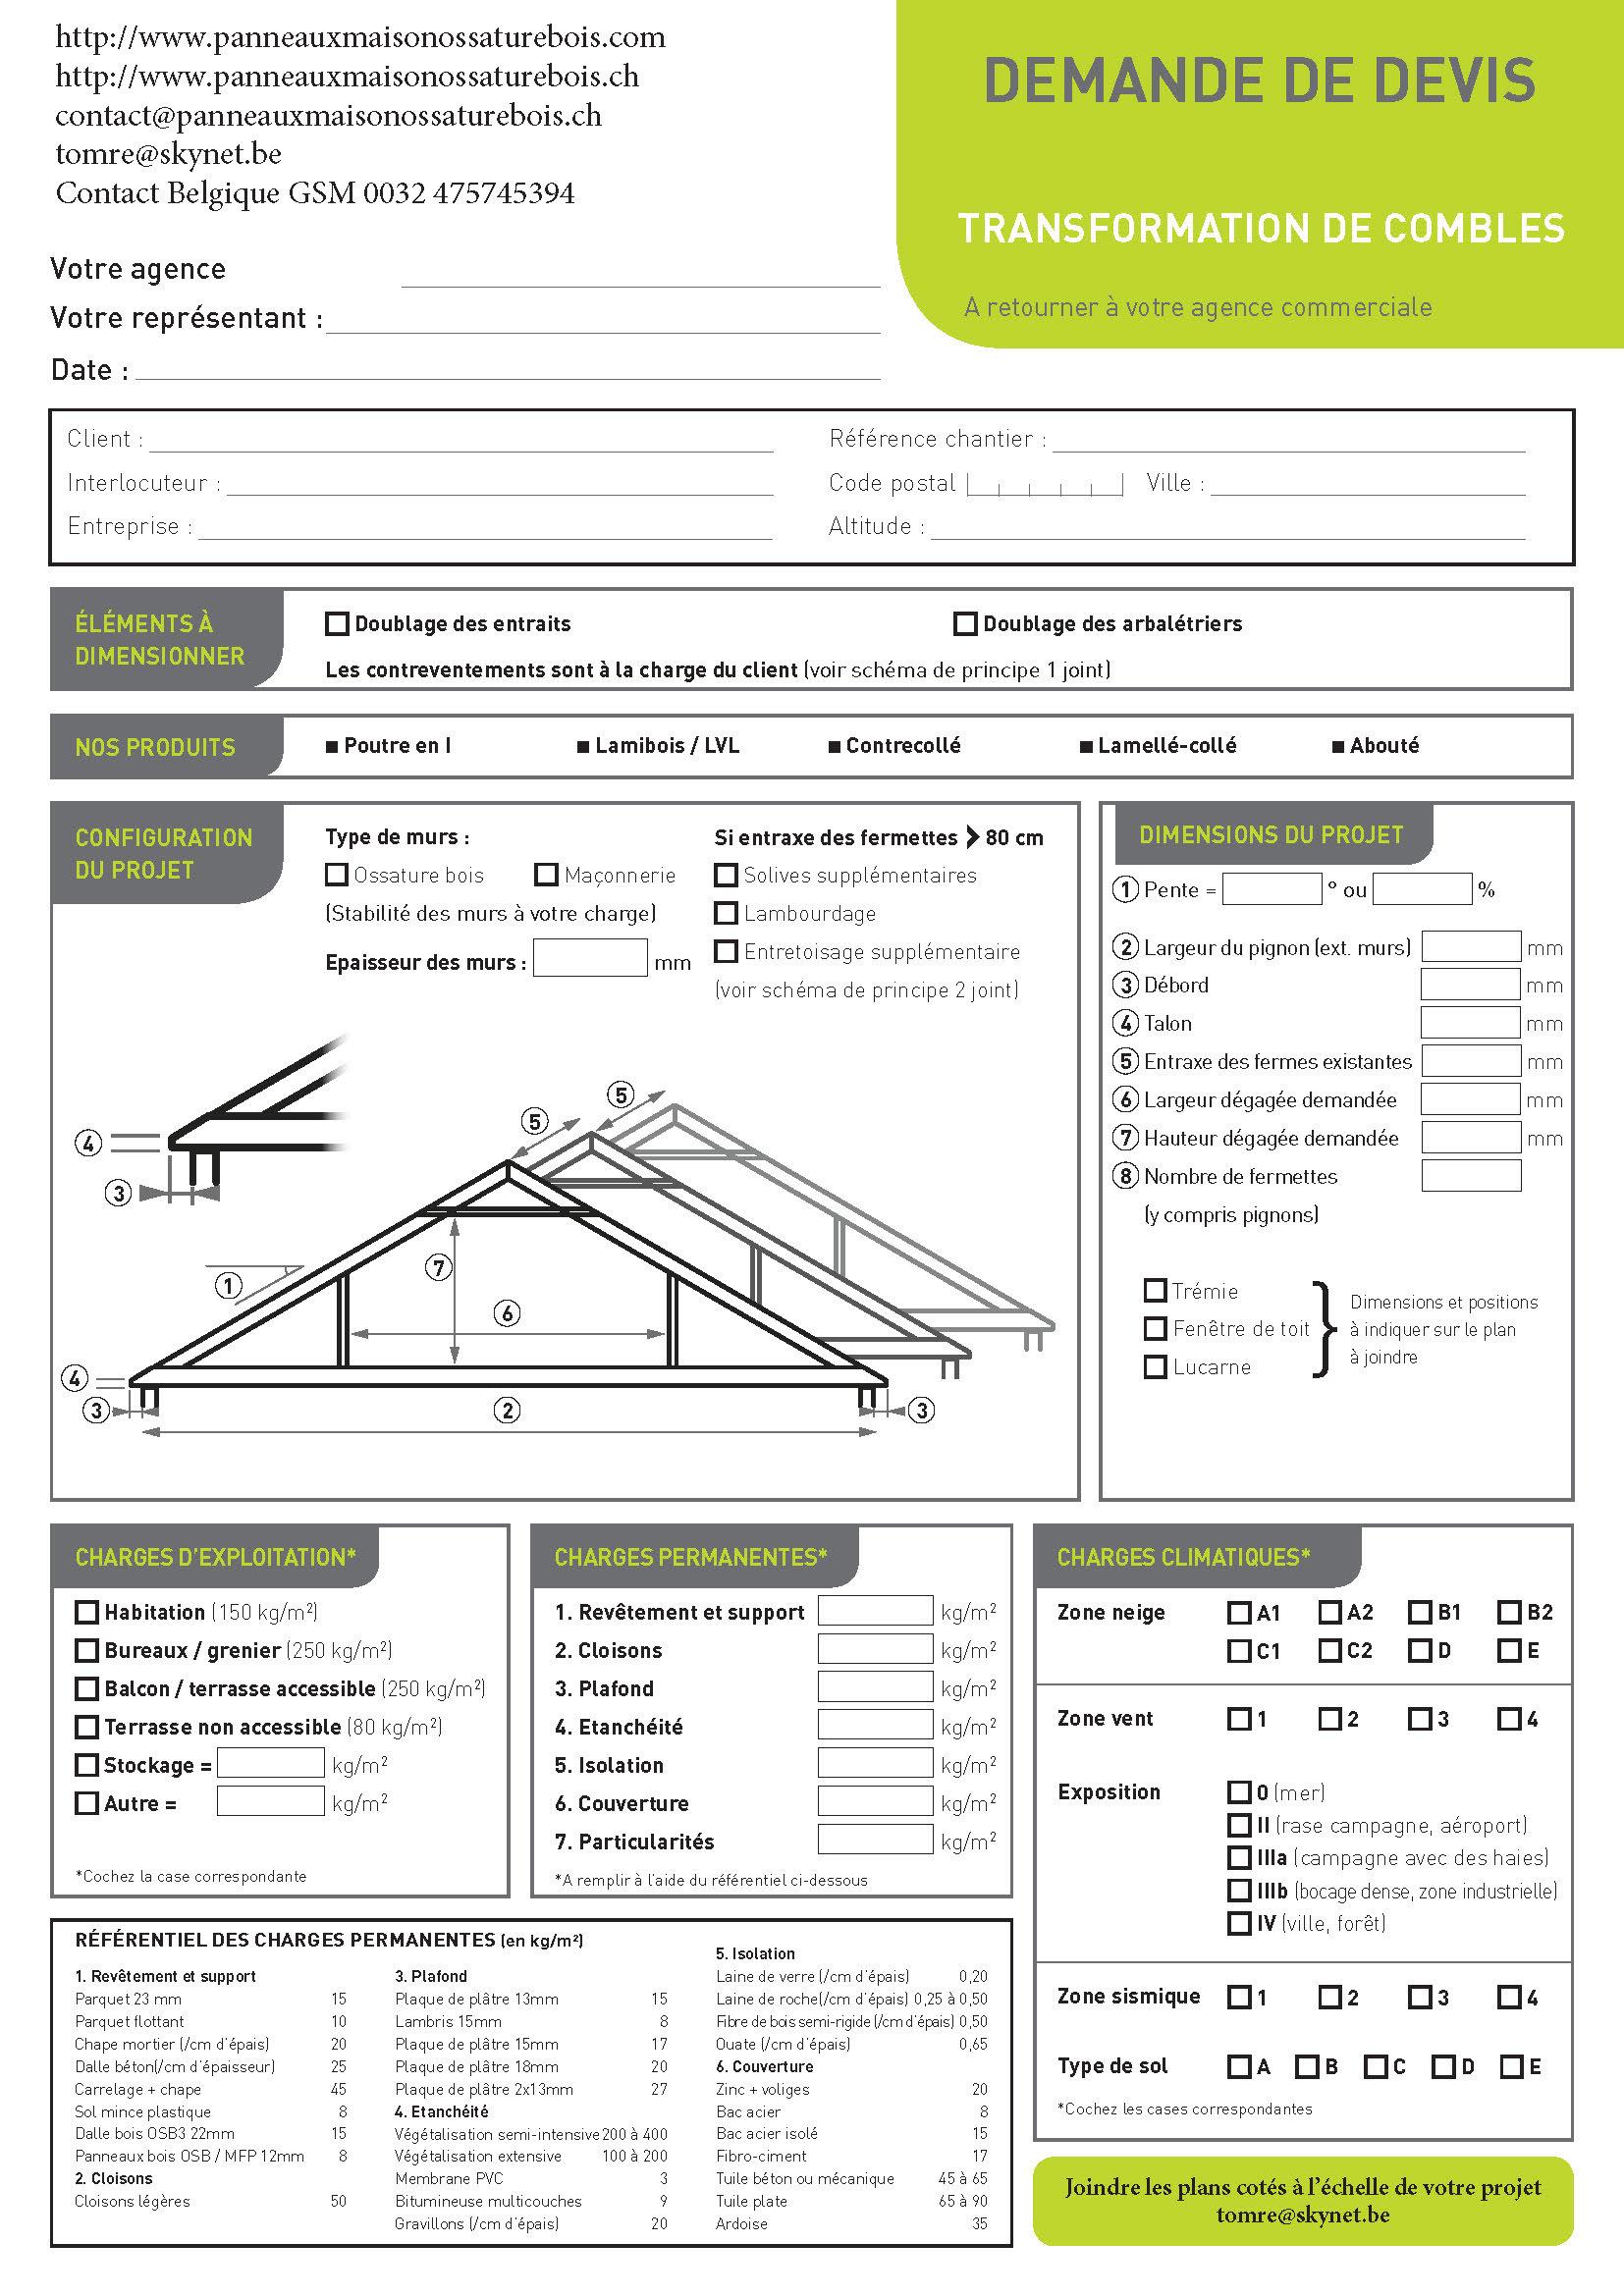 Fiche-Devis-TRANSFORMATION-DE-COMBLES-02.2013